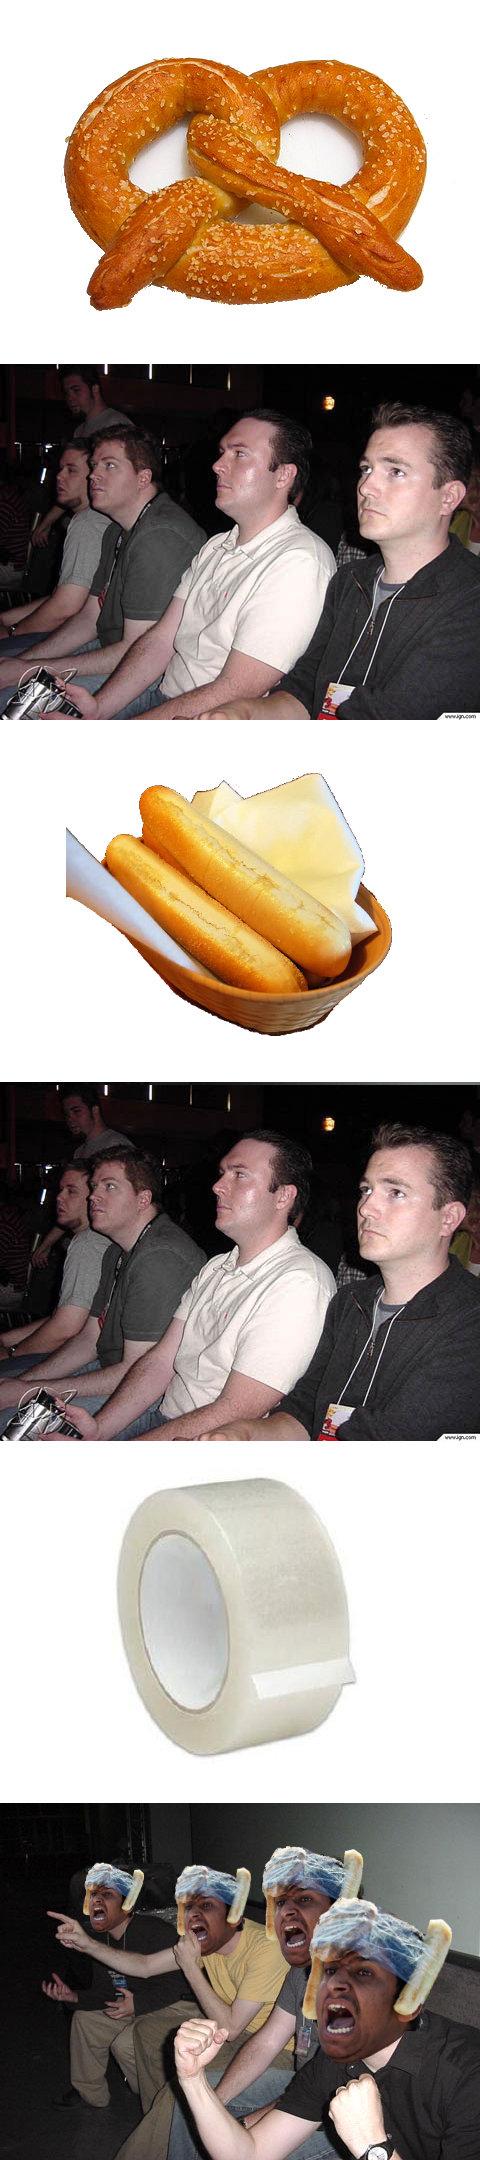 yeaaa. .. Ha! yeaaa breadstick man